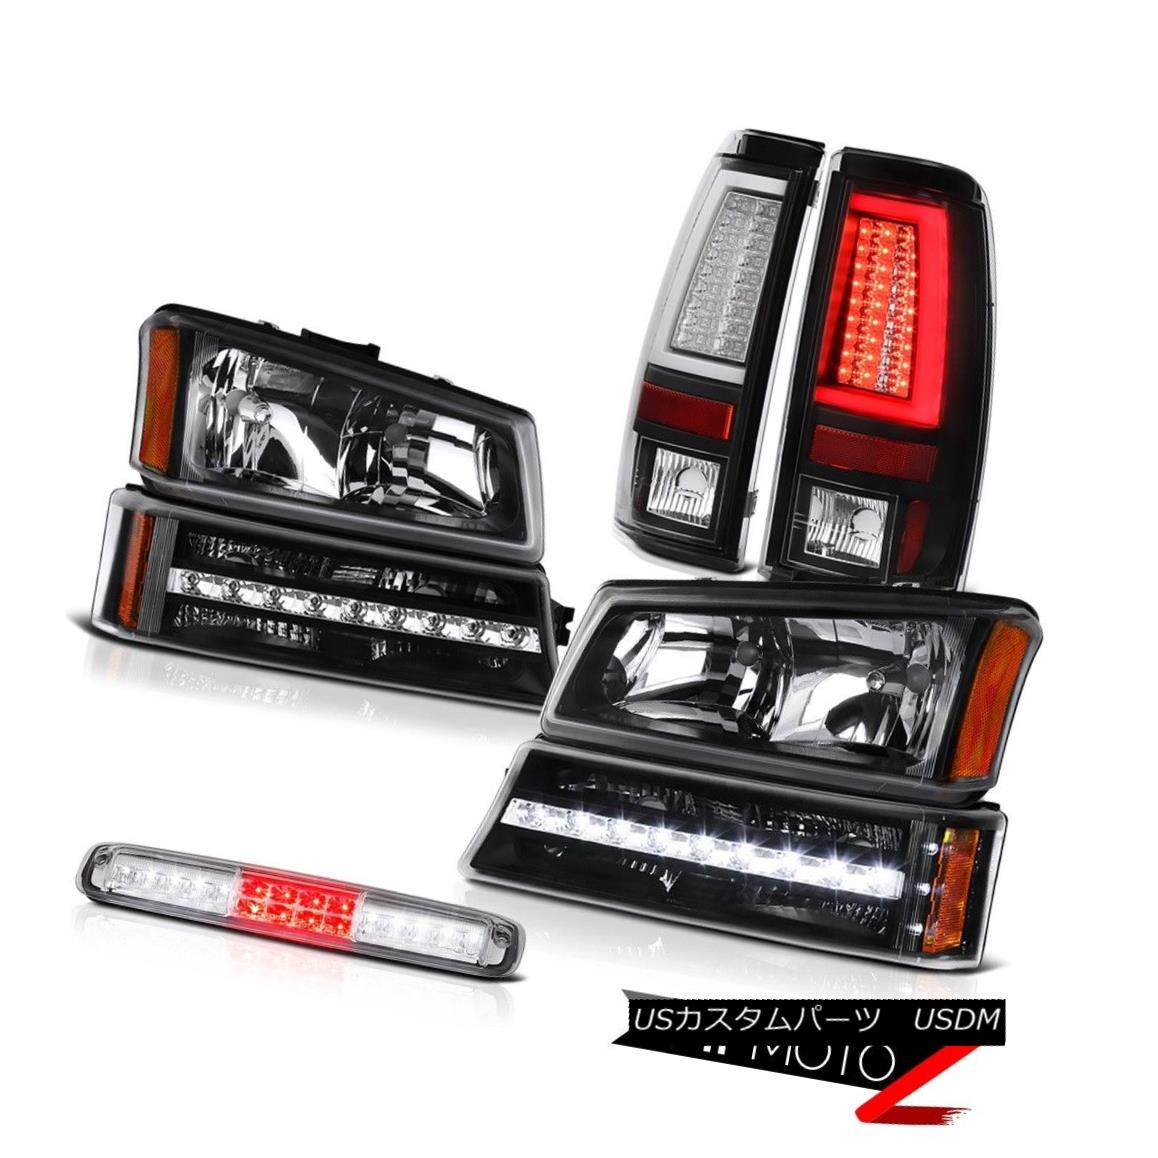 テールライト 03-06 Silverado 2500Hd Matte Black Tail Lights 3RD Brake Lamp Headlamps Bumper 03-06 Silverado 2500Hdマットブラックテールライト3RDブレーキランプヘッドランプバンパー